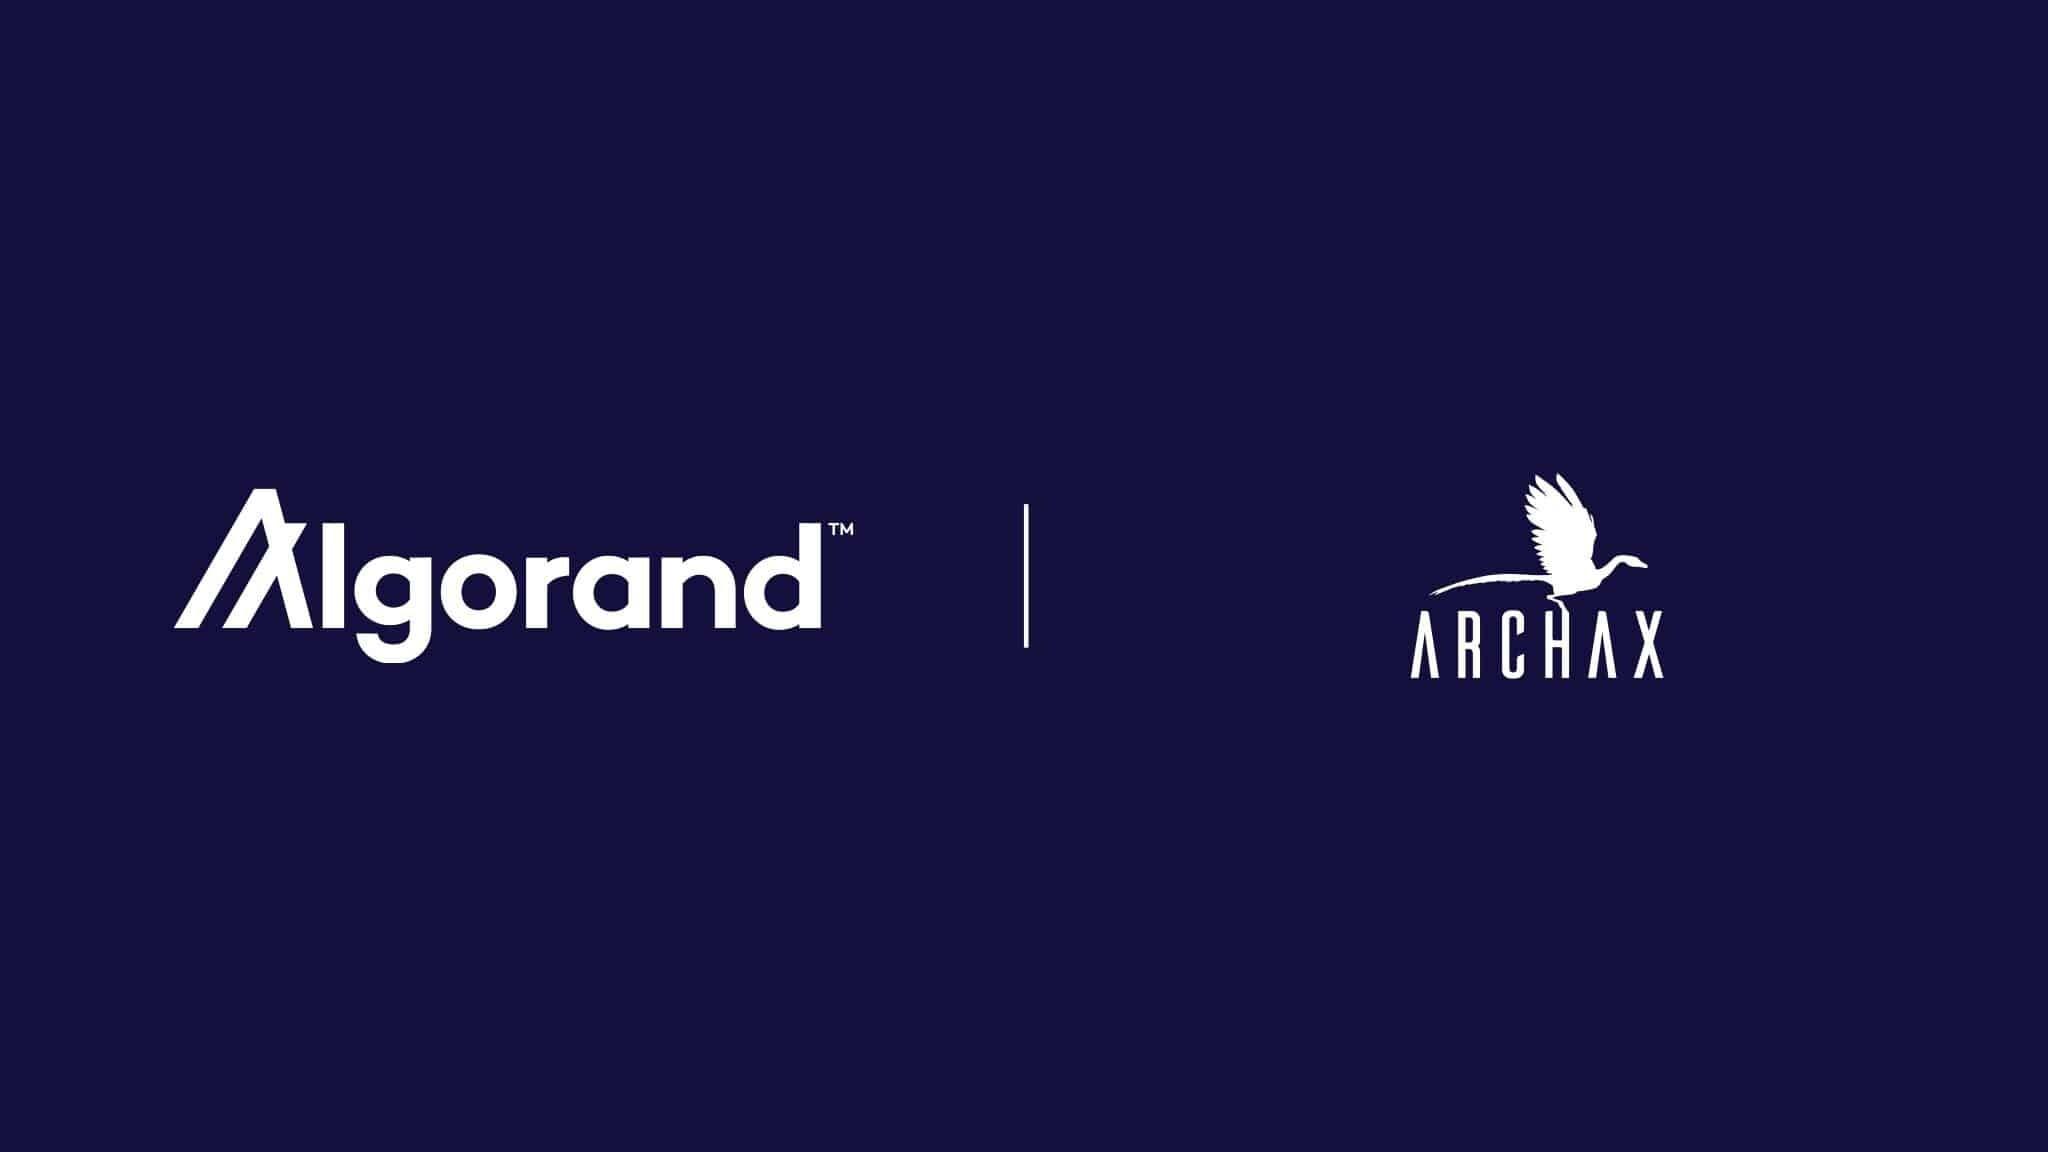 İngiltere Borsası Archax, Defi Projelerinde Algorand İle İşbirliği Yapıyor